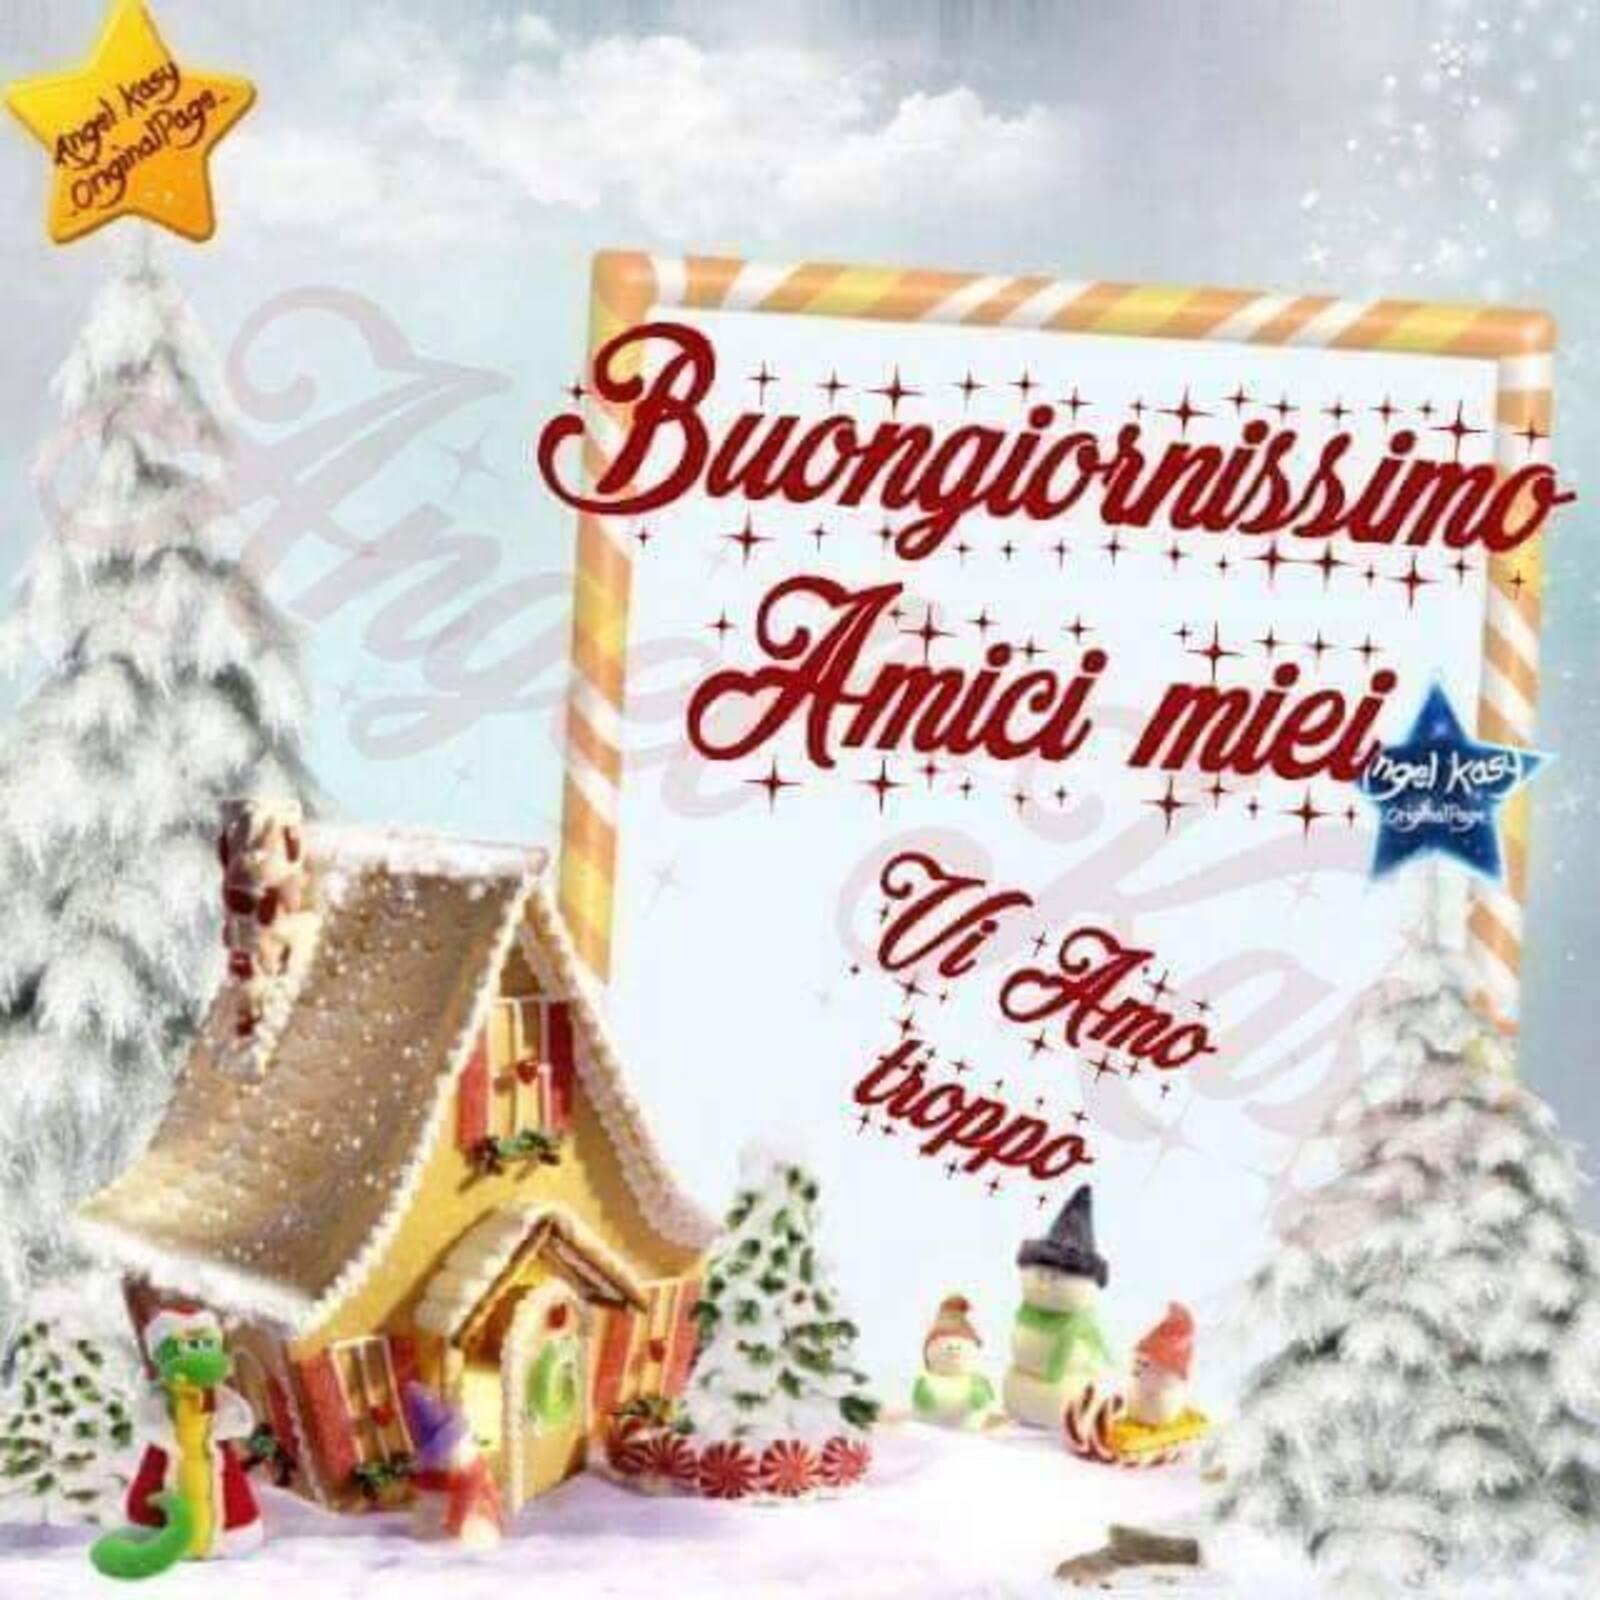 Buongiornissimo amici miei Natale